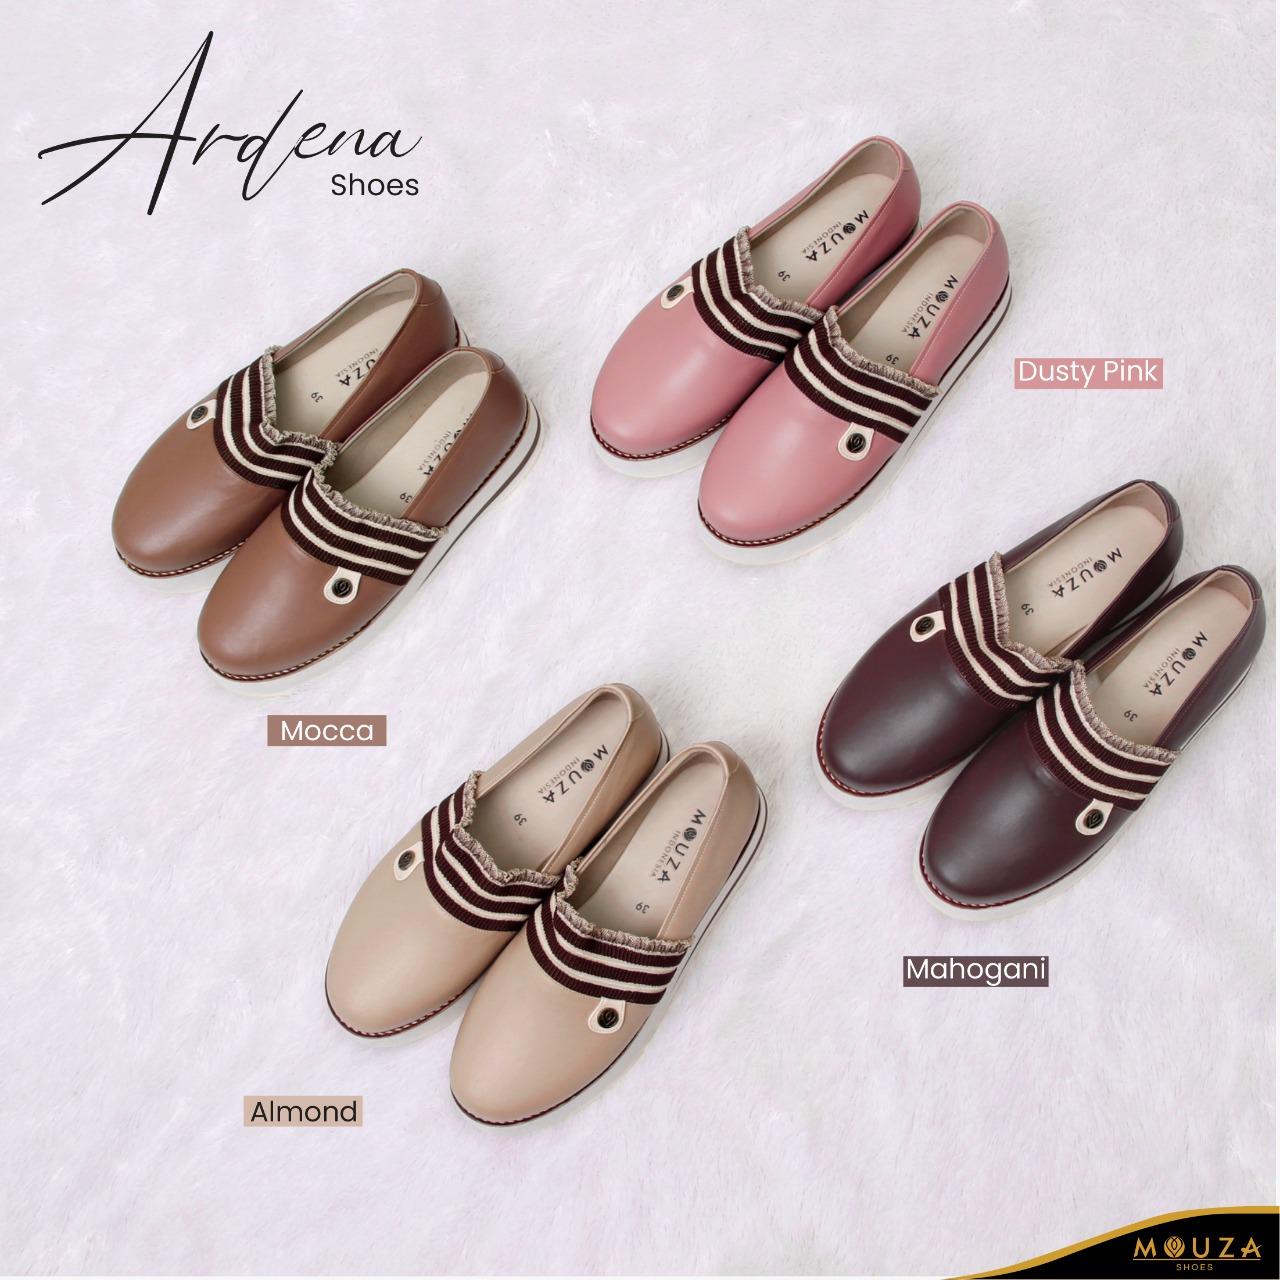 Ardena Shoes